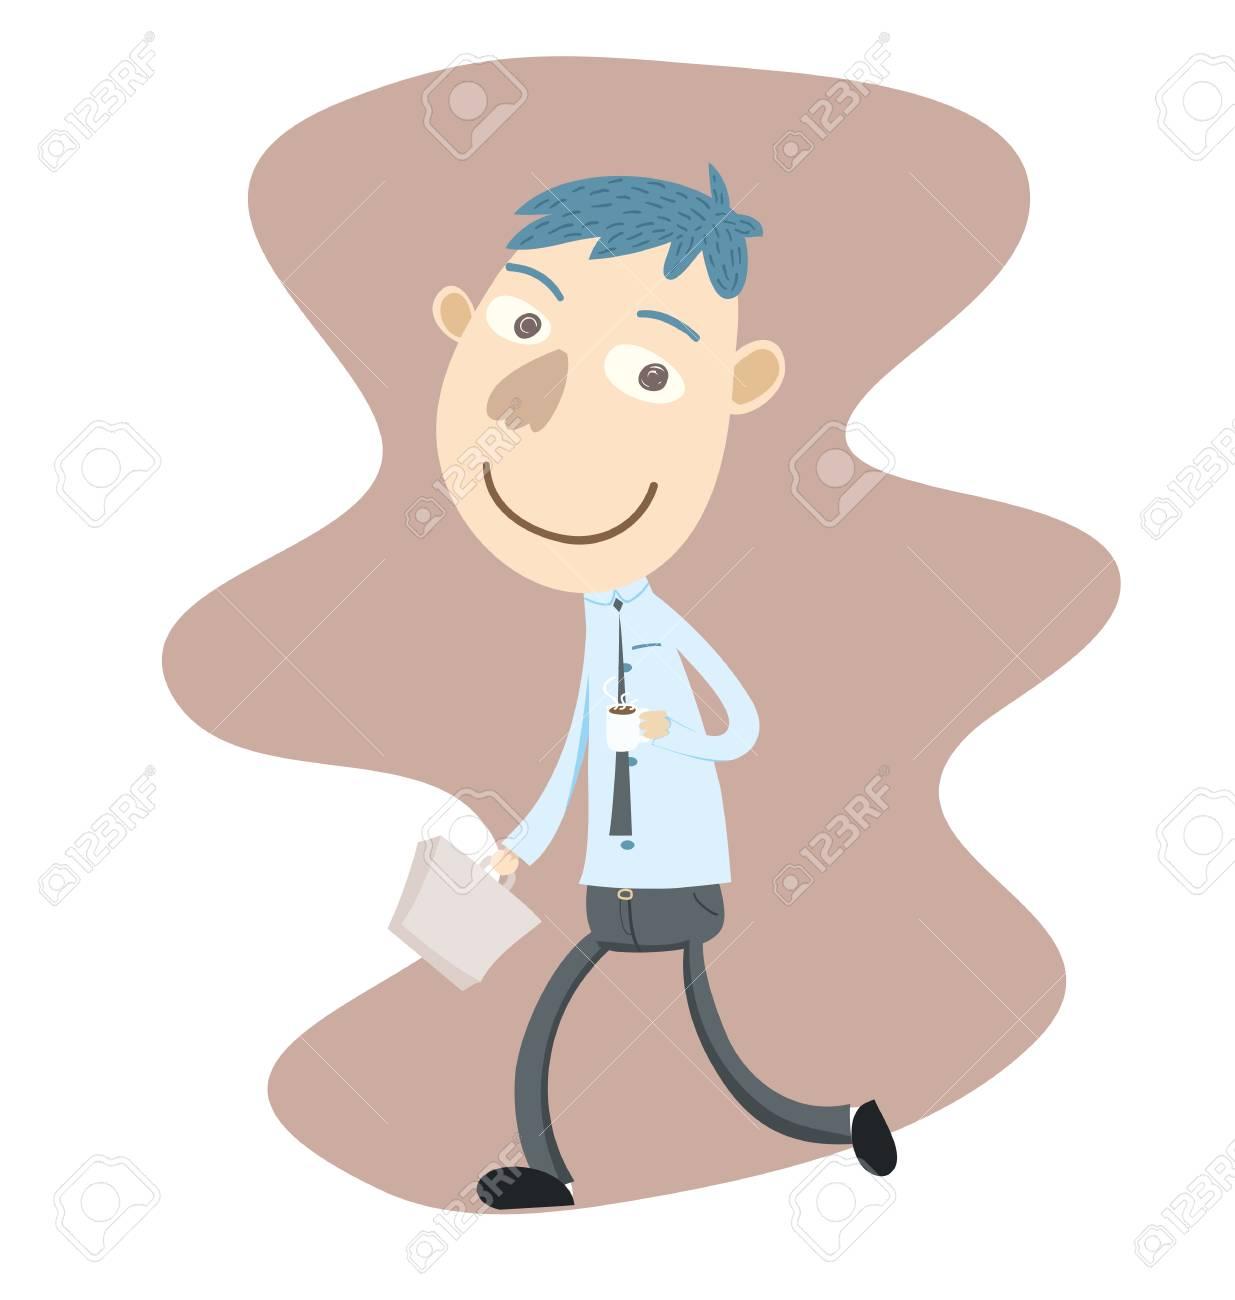 Vettoriale uomo daffari di cartone animato con caffè e valigetta